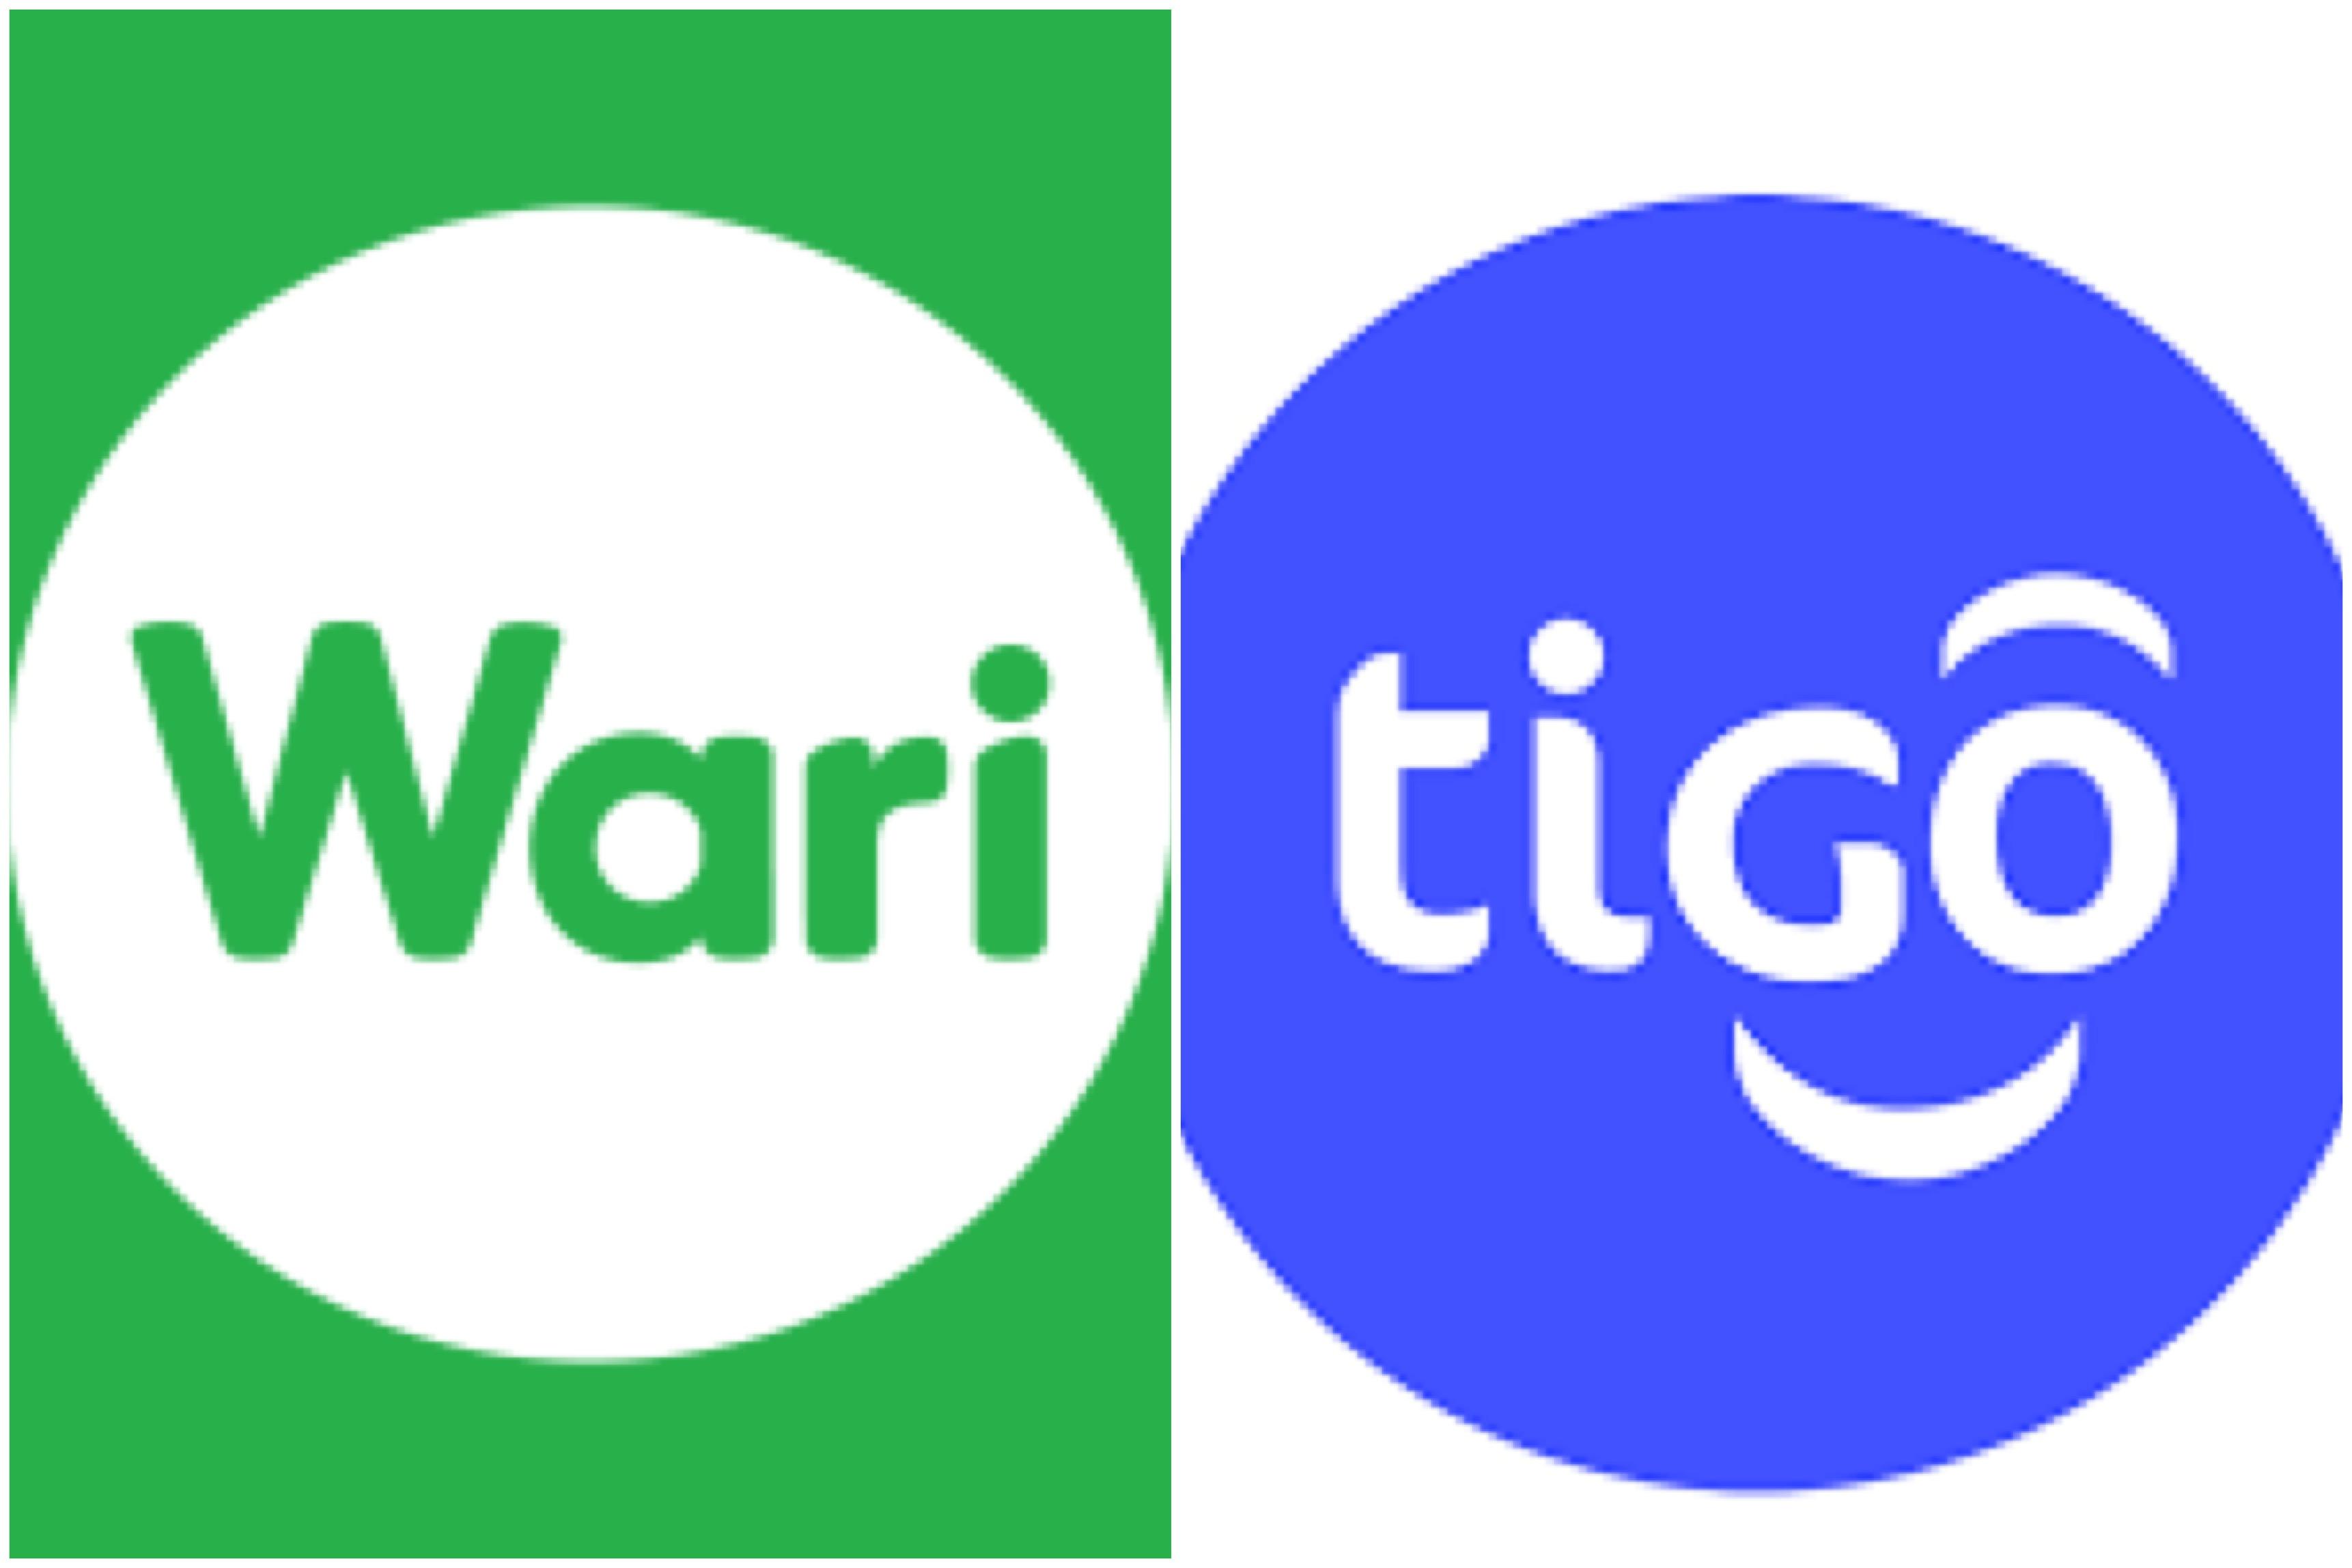 COMMUNIQUÉ OFFICIEL : Millicom a signé un accord avec Wari pour la cession de sa filiale au Sénégal